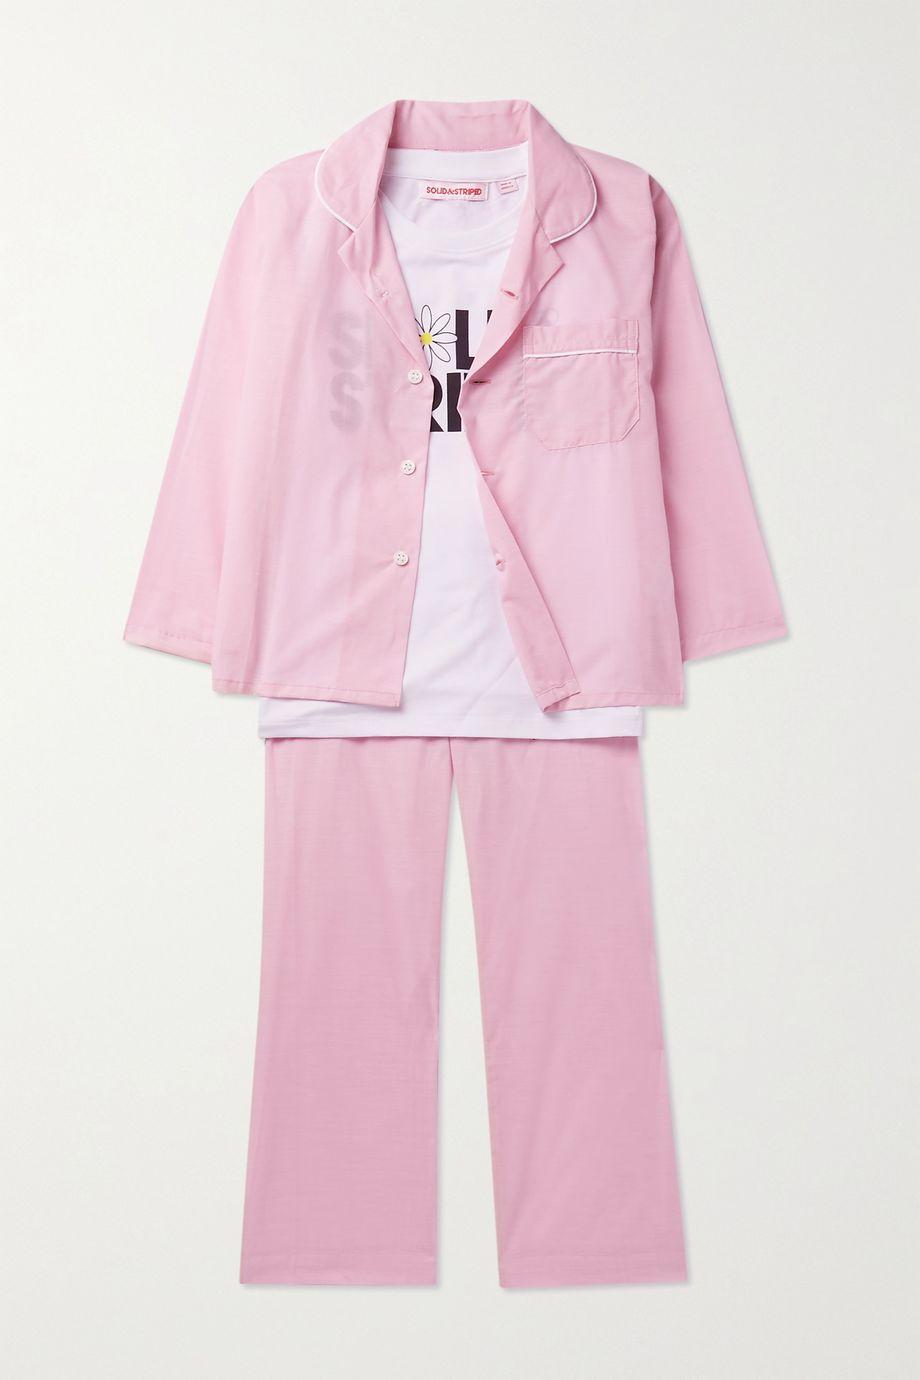 Derek Rose Kids Ages 3 - 12 piped cotton pajama set